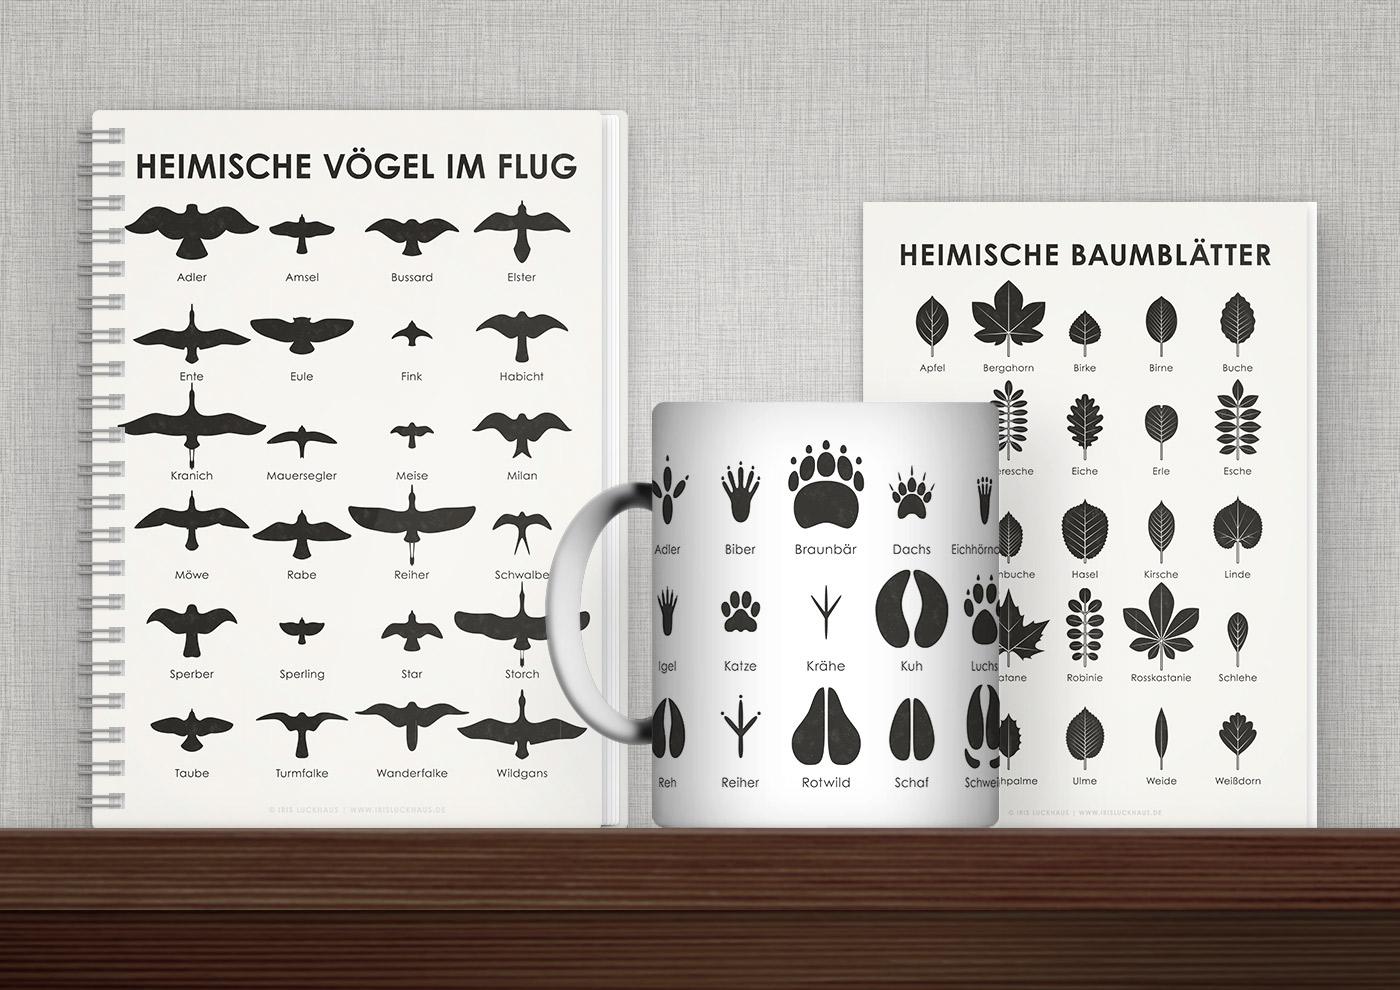 Bedruckte Produkte mit Schautafeln und Infografiken zur Naturkunde von Iris Luckhaus